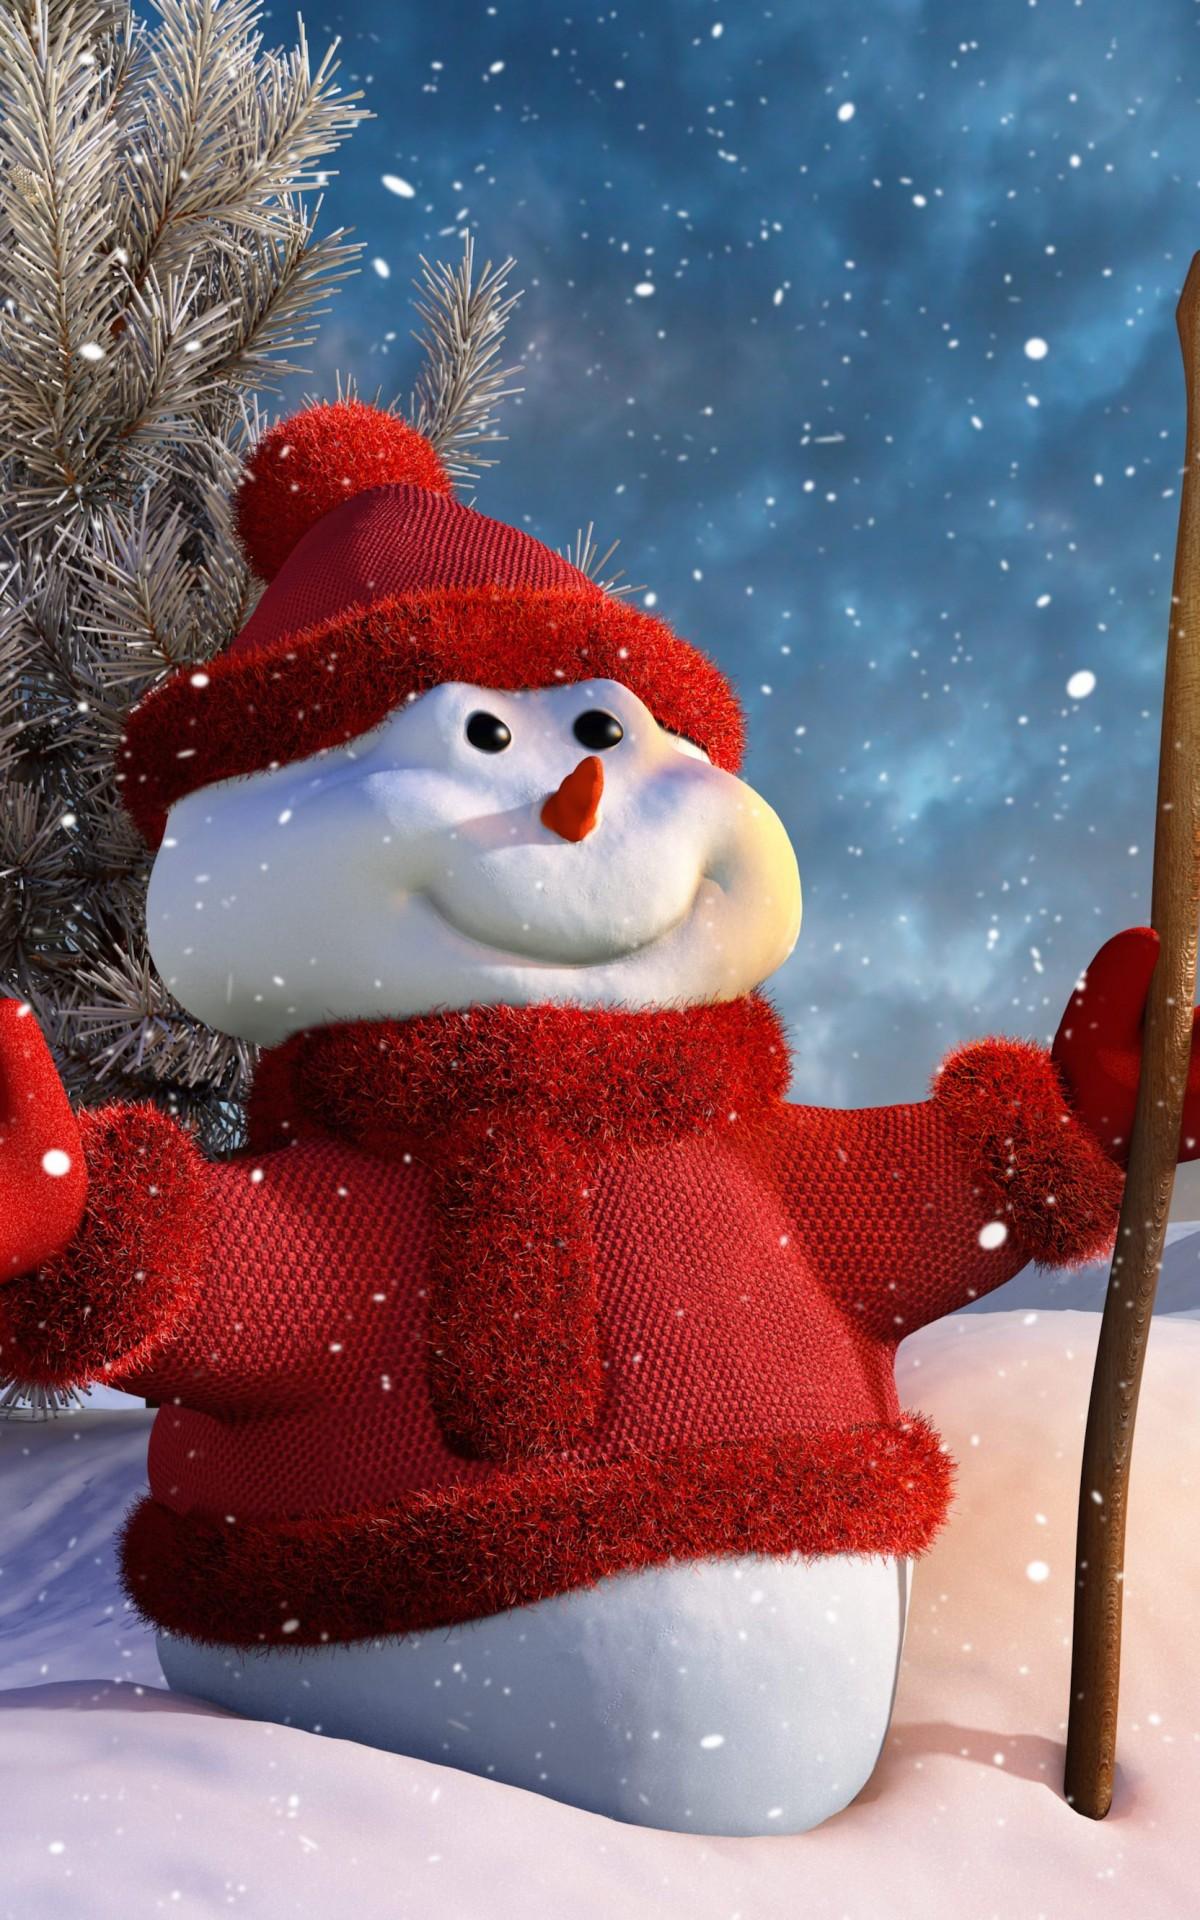 Christmas Snowman HD wallpaper for Kindle Fire HDX   HDwallpapersnet 1200x1920